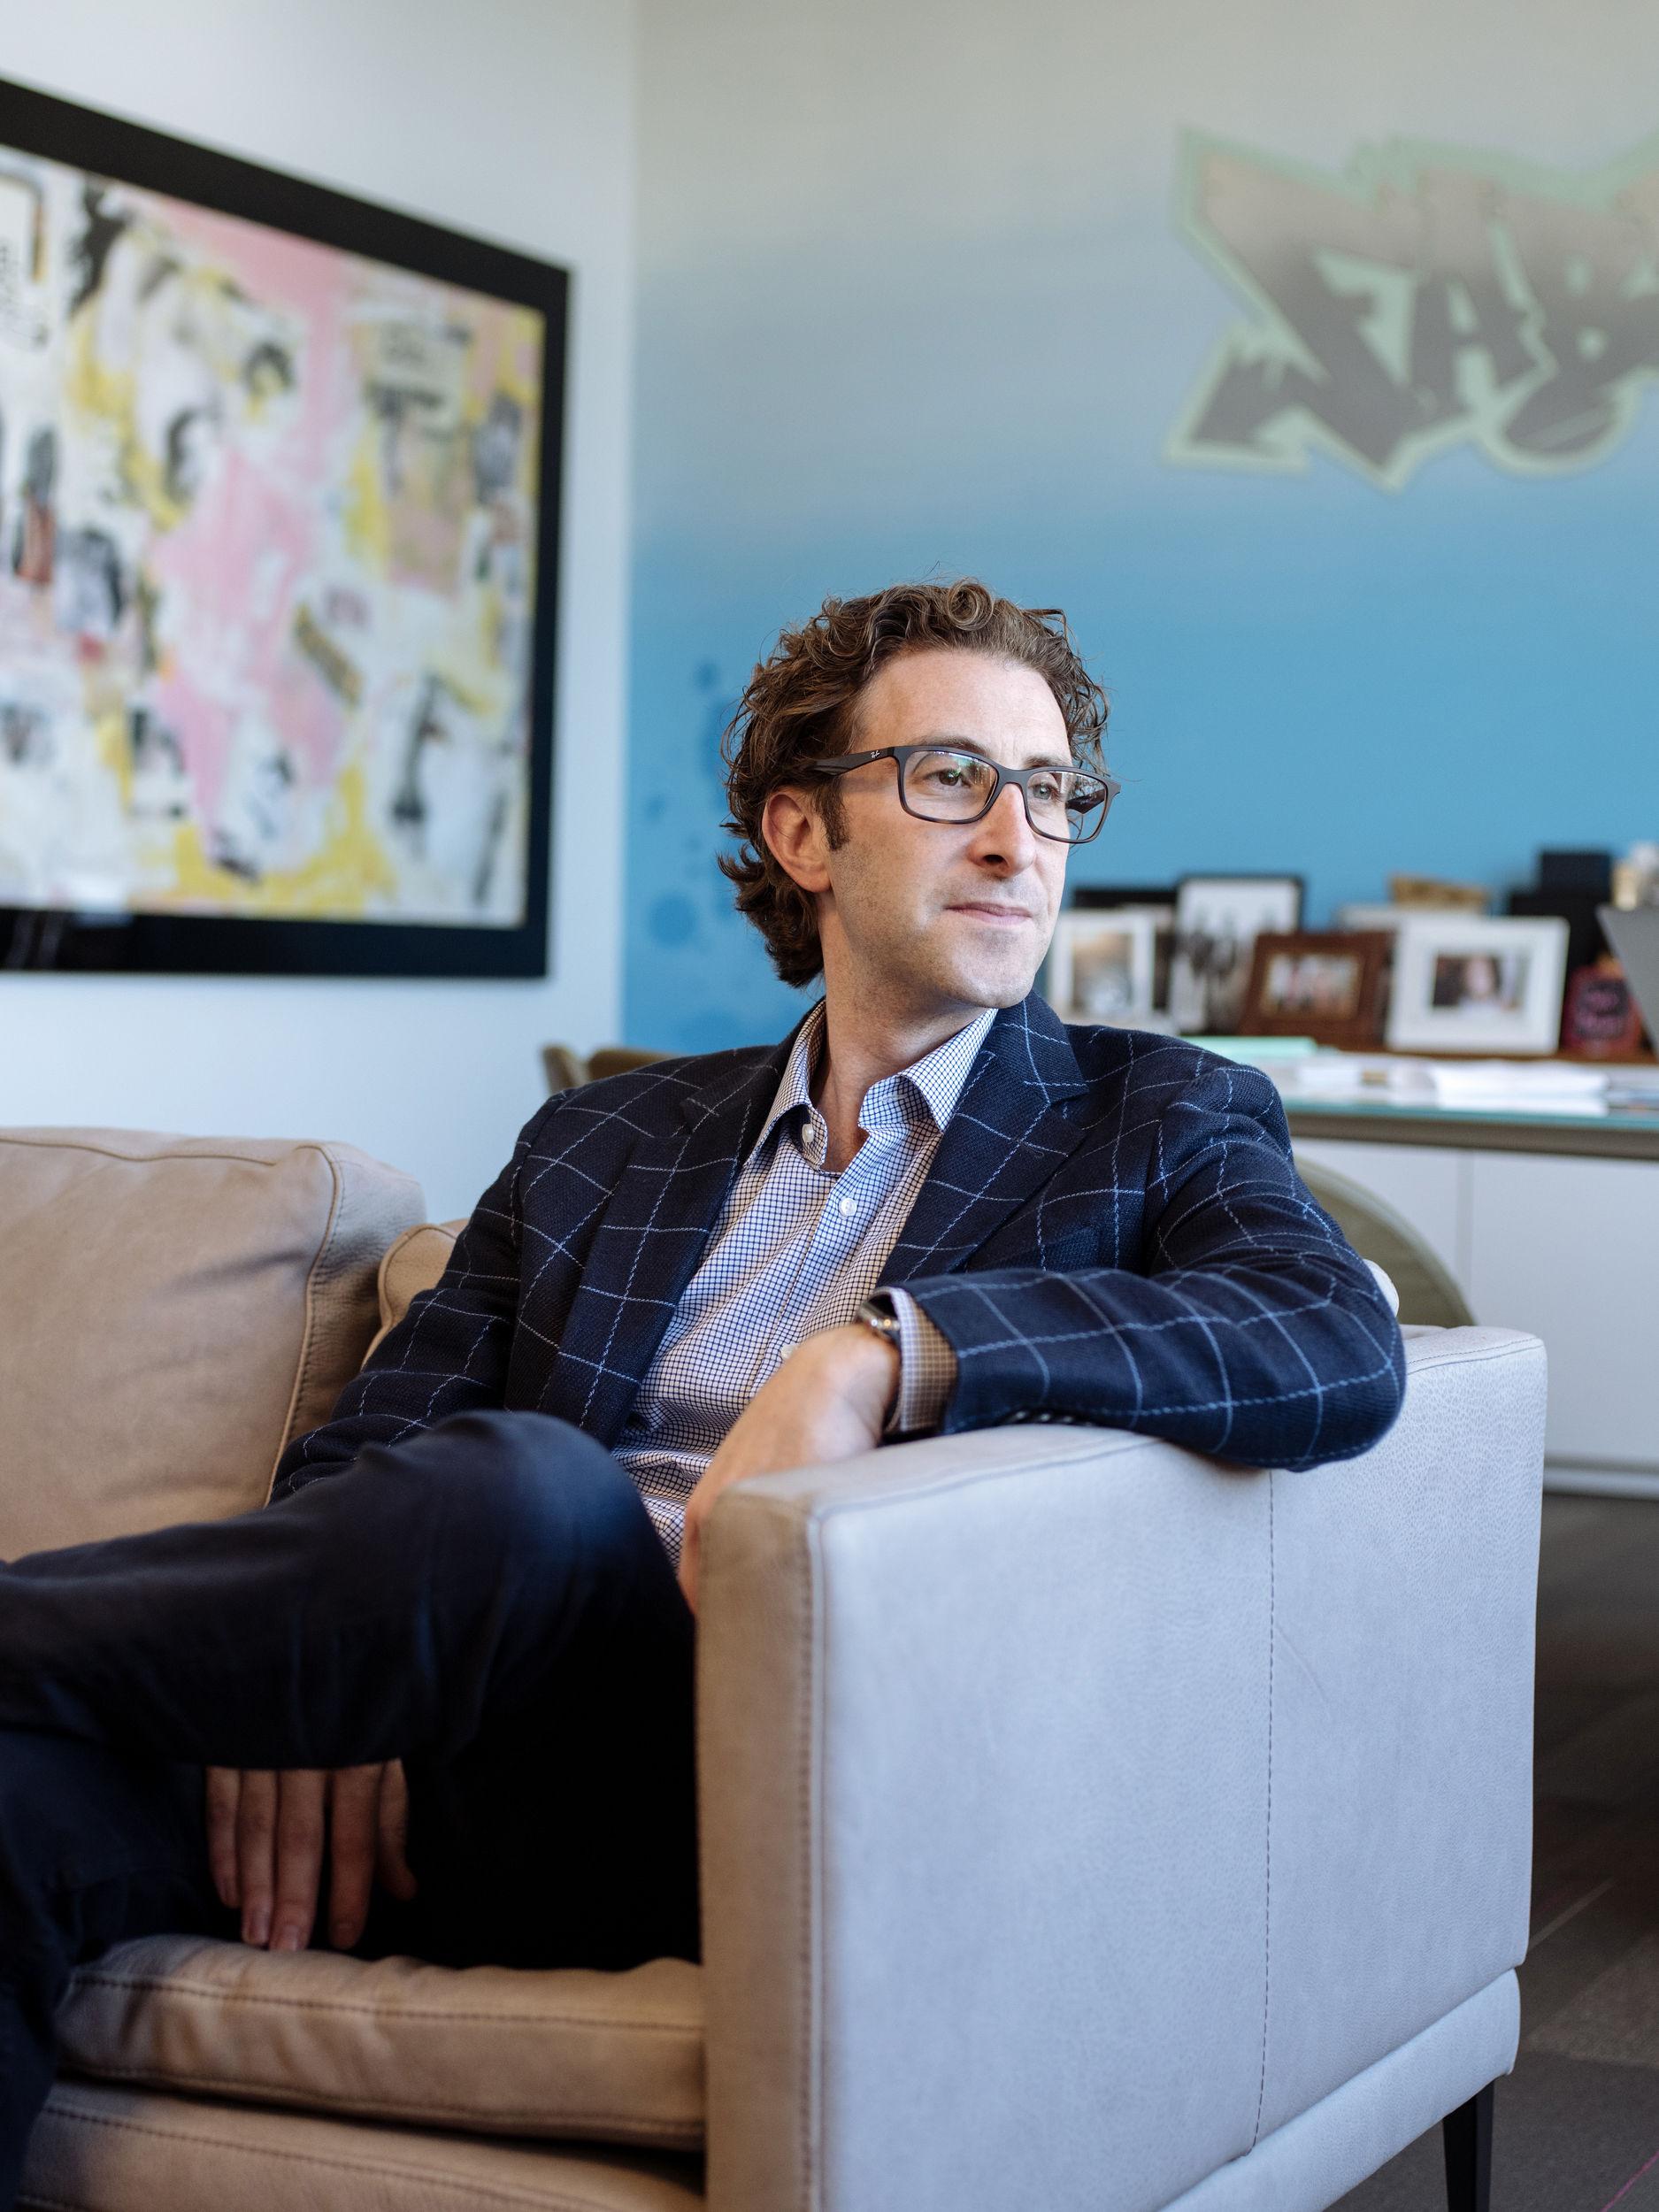 Adam Goldenberg